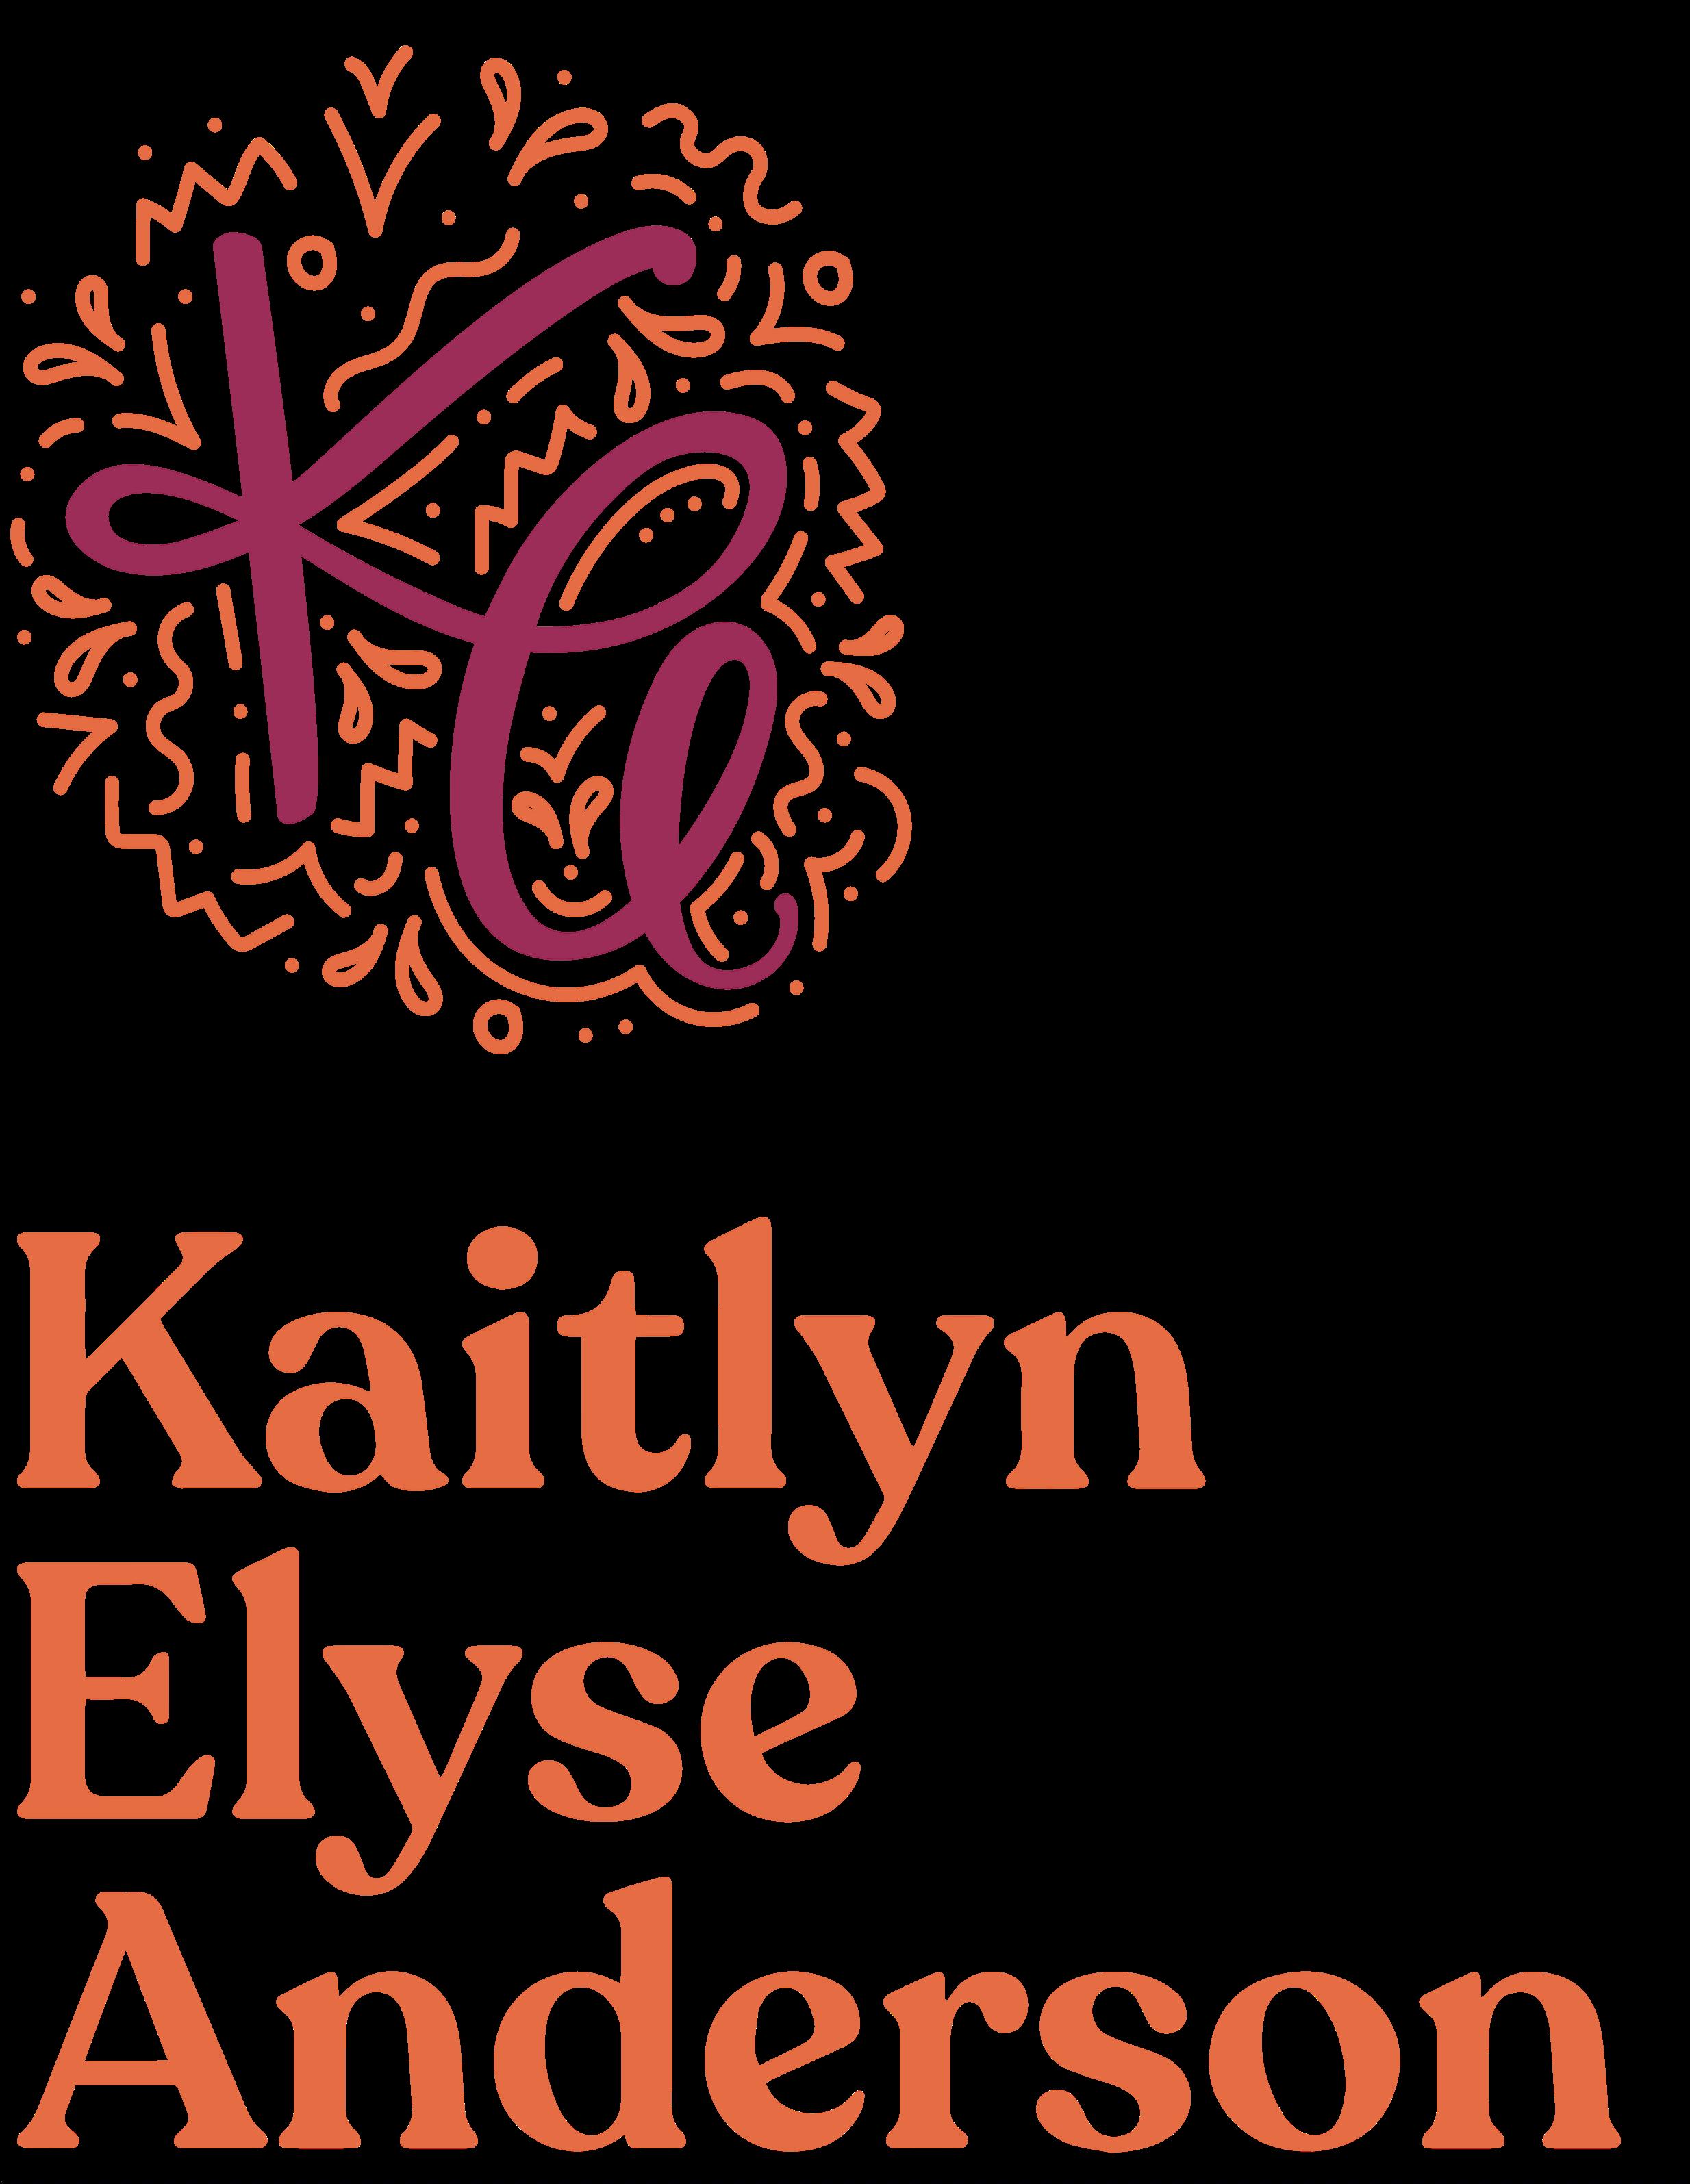 Kaitlyn Elyse Anderson